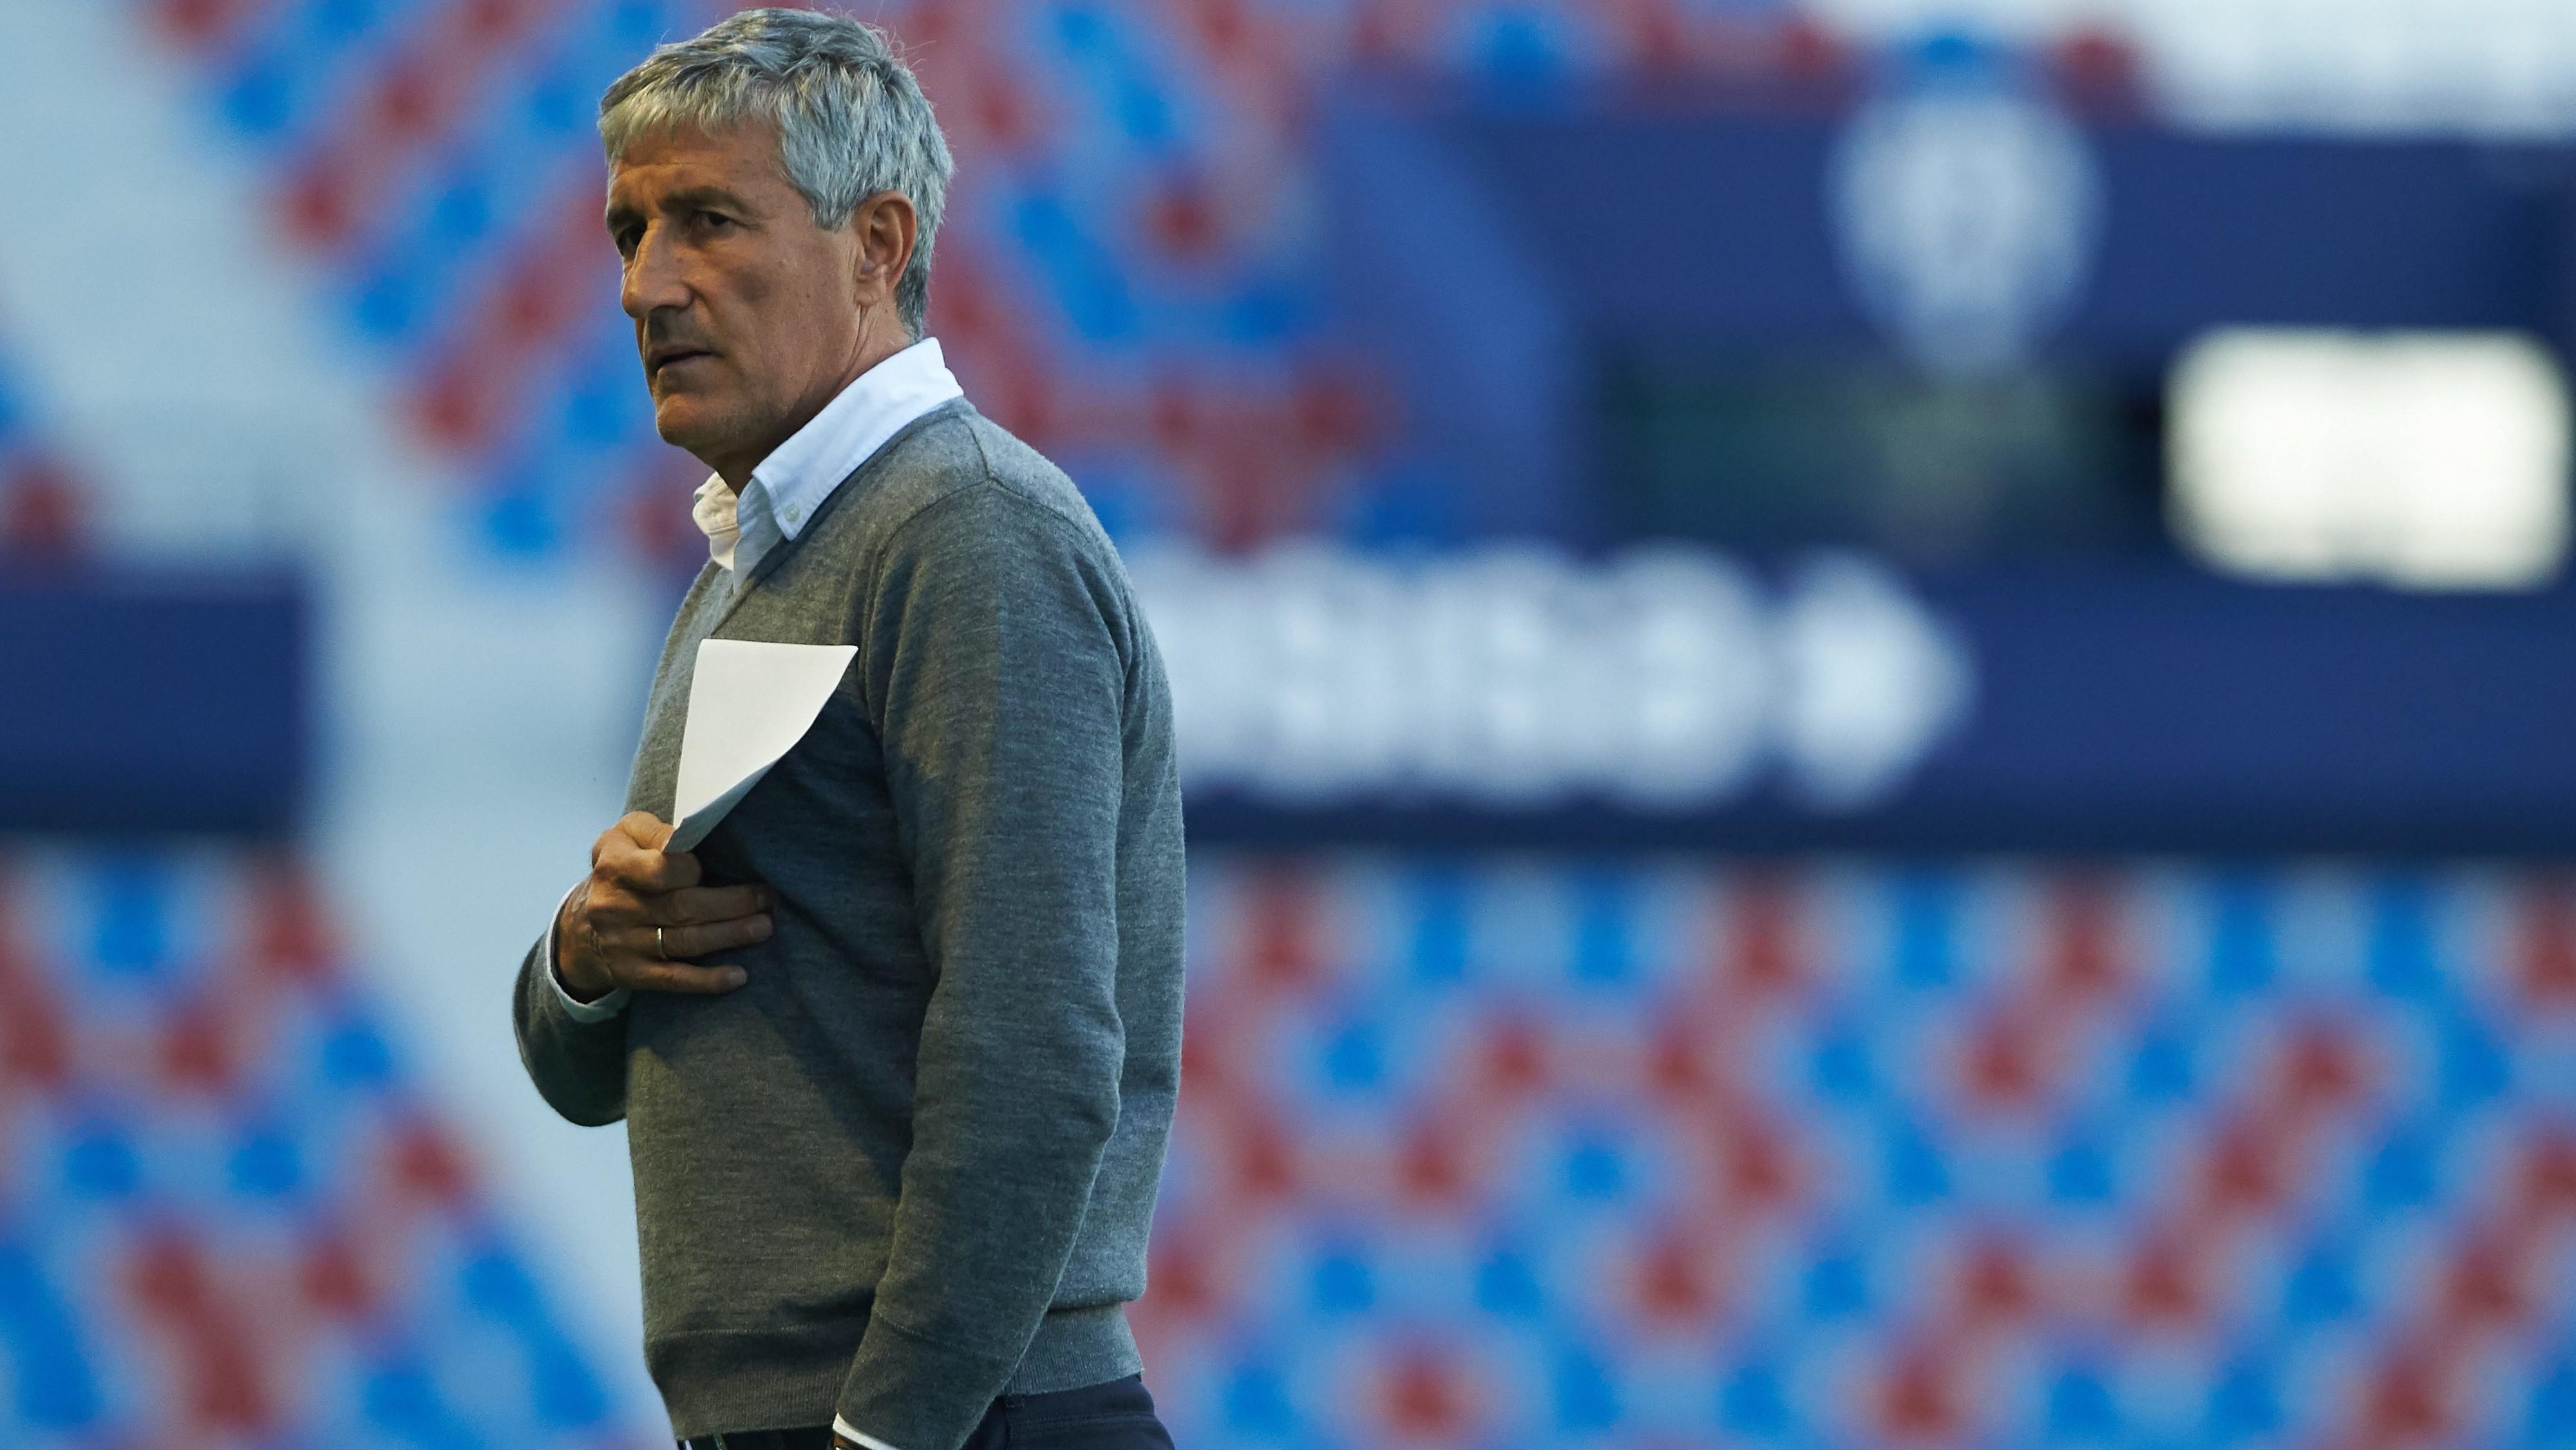 Quique Setién neuer Trainer beim FC Barcelona – das ist seine Spielphilosophie